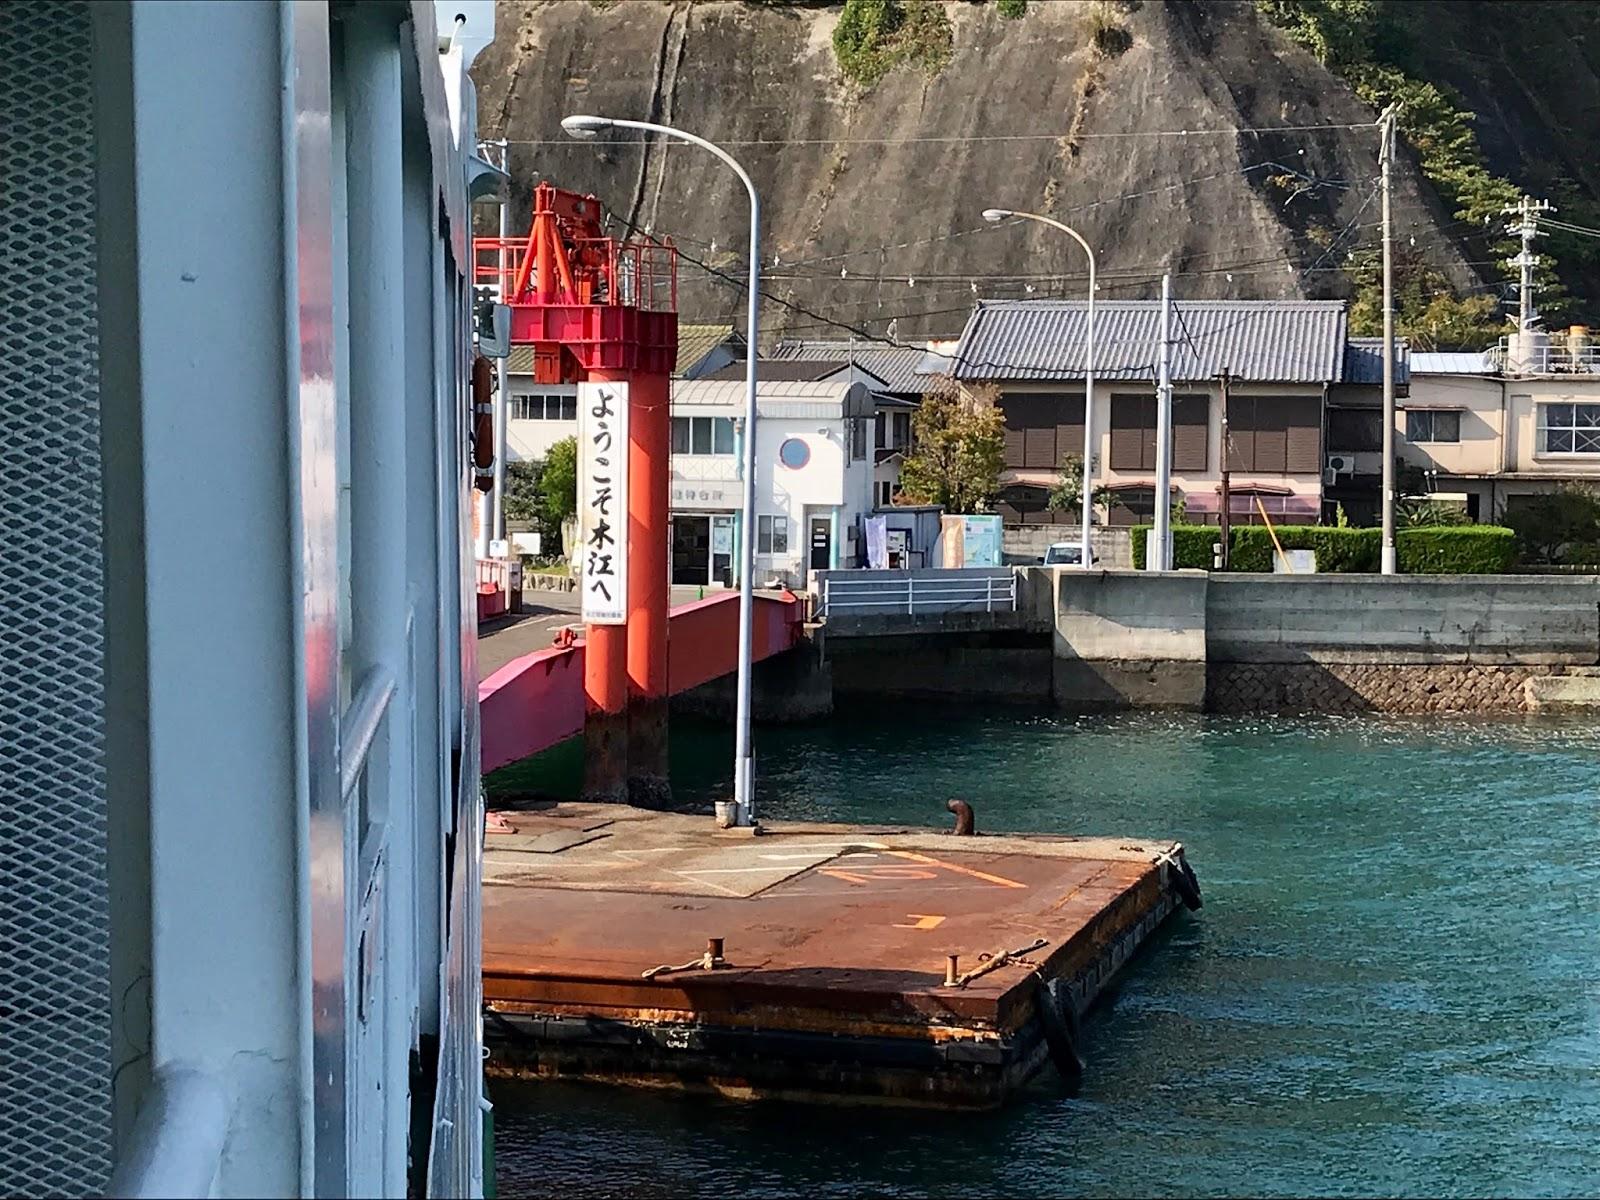 うふふな日々 : 今治市営旅客船「とびしま」,大三島ブルーライン「フェリーみしま」に乗船(しまなみ ...